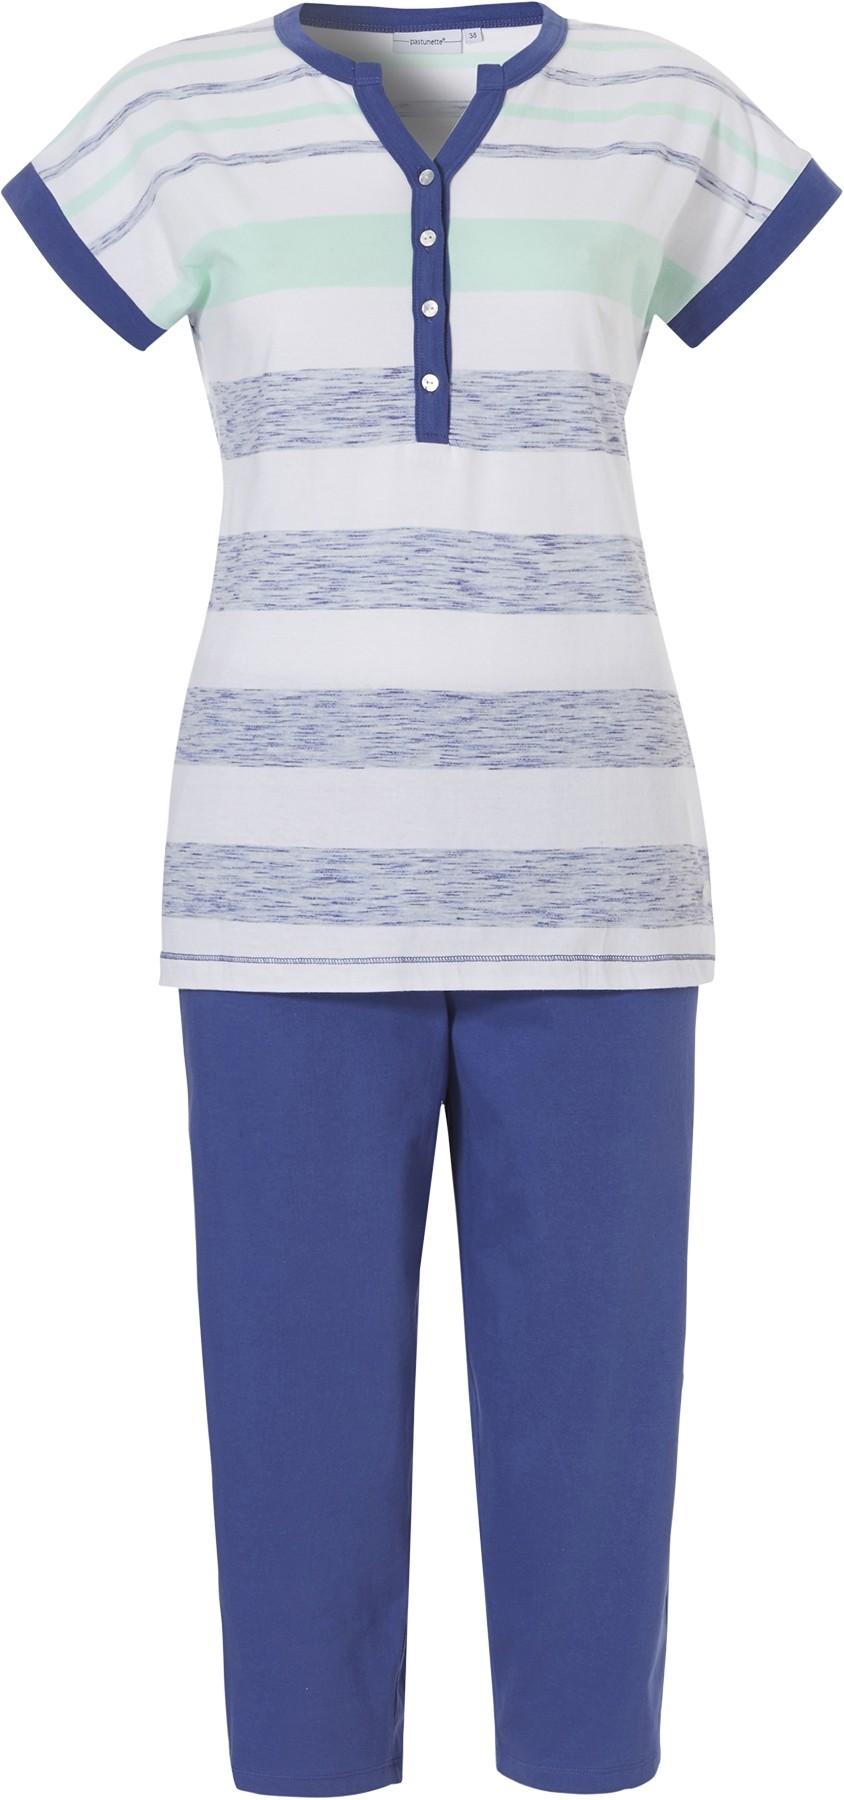 Van Van Gemert Ondermode Dames pyjama Pastunette 2081-342-4-44 Prijsvergelijk nu!